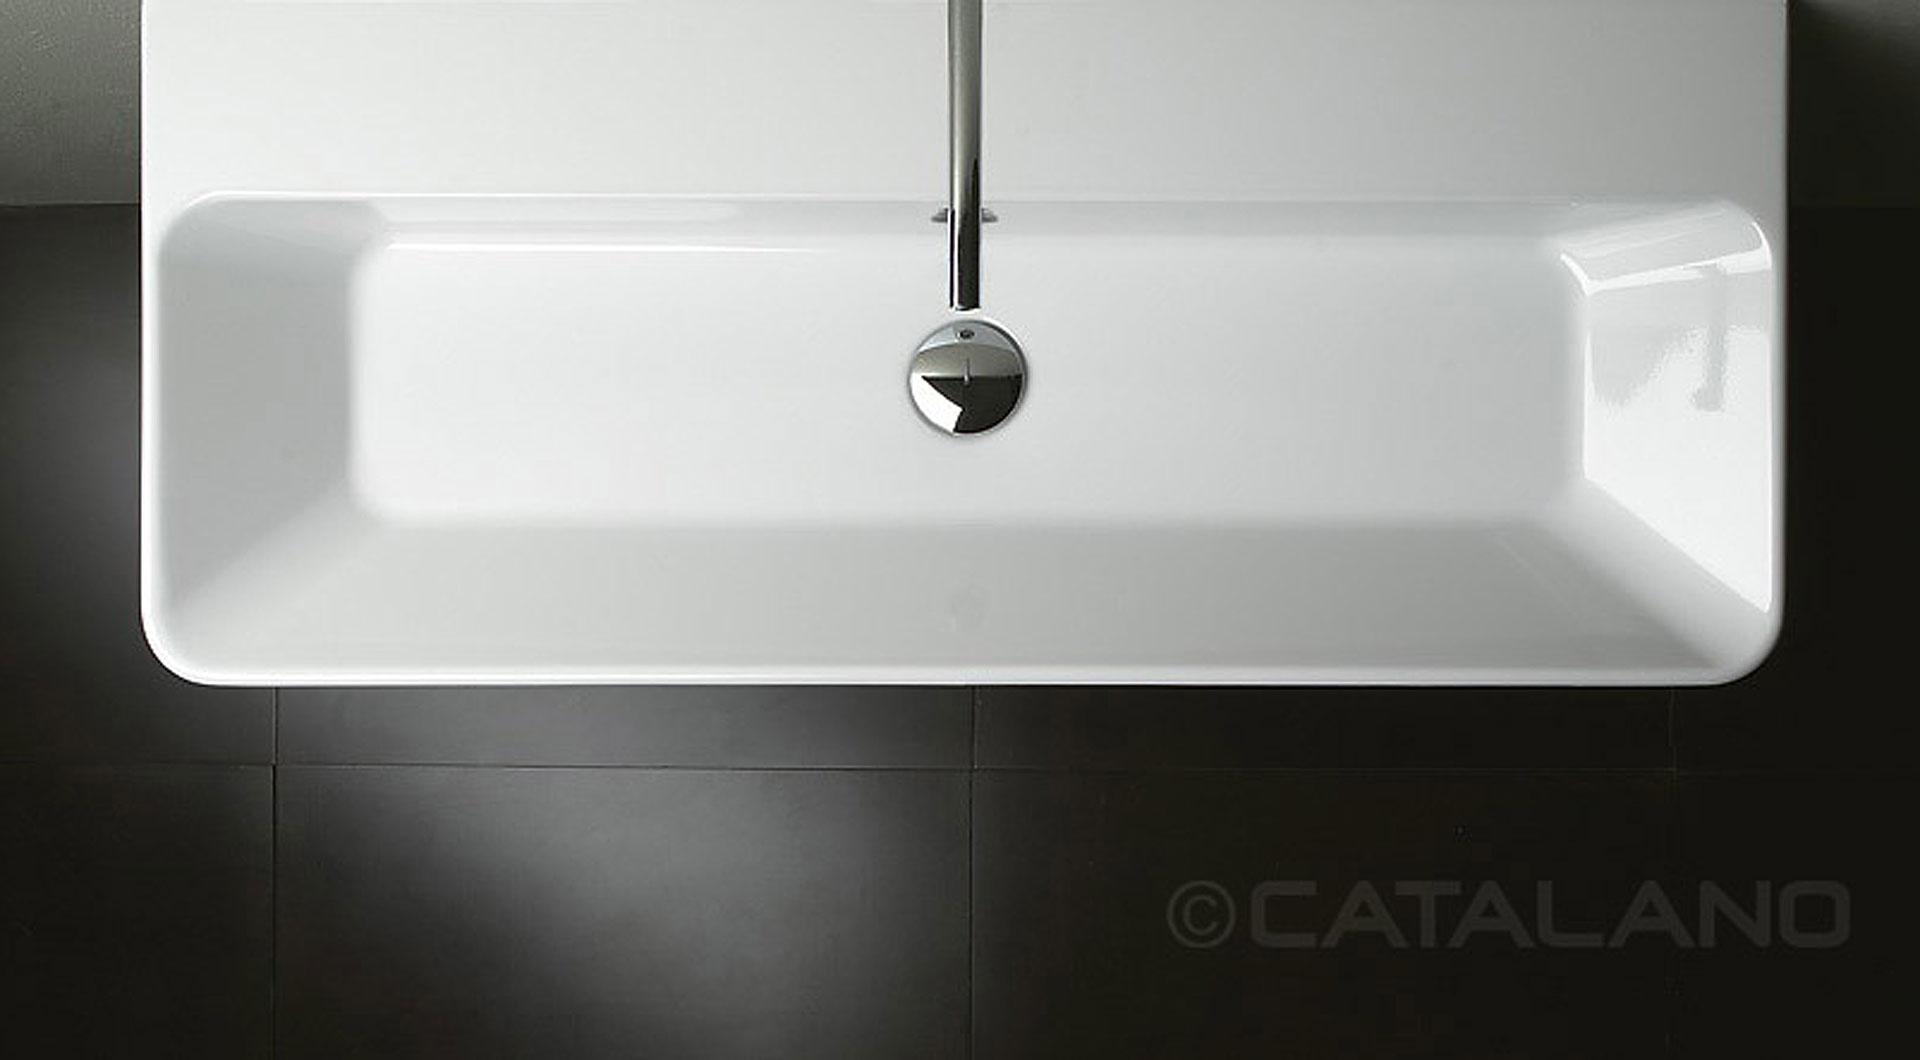 catalano-scelto-da-natalucci-come-partner-per-il-design